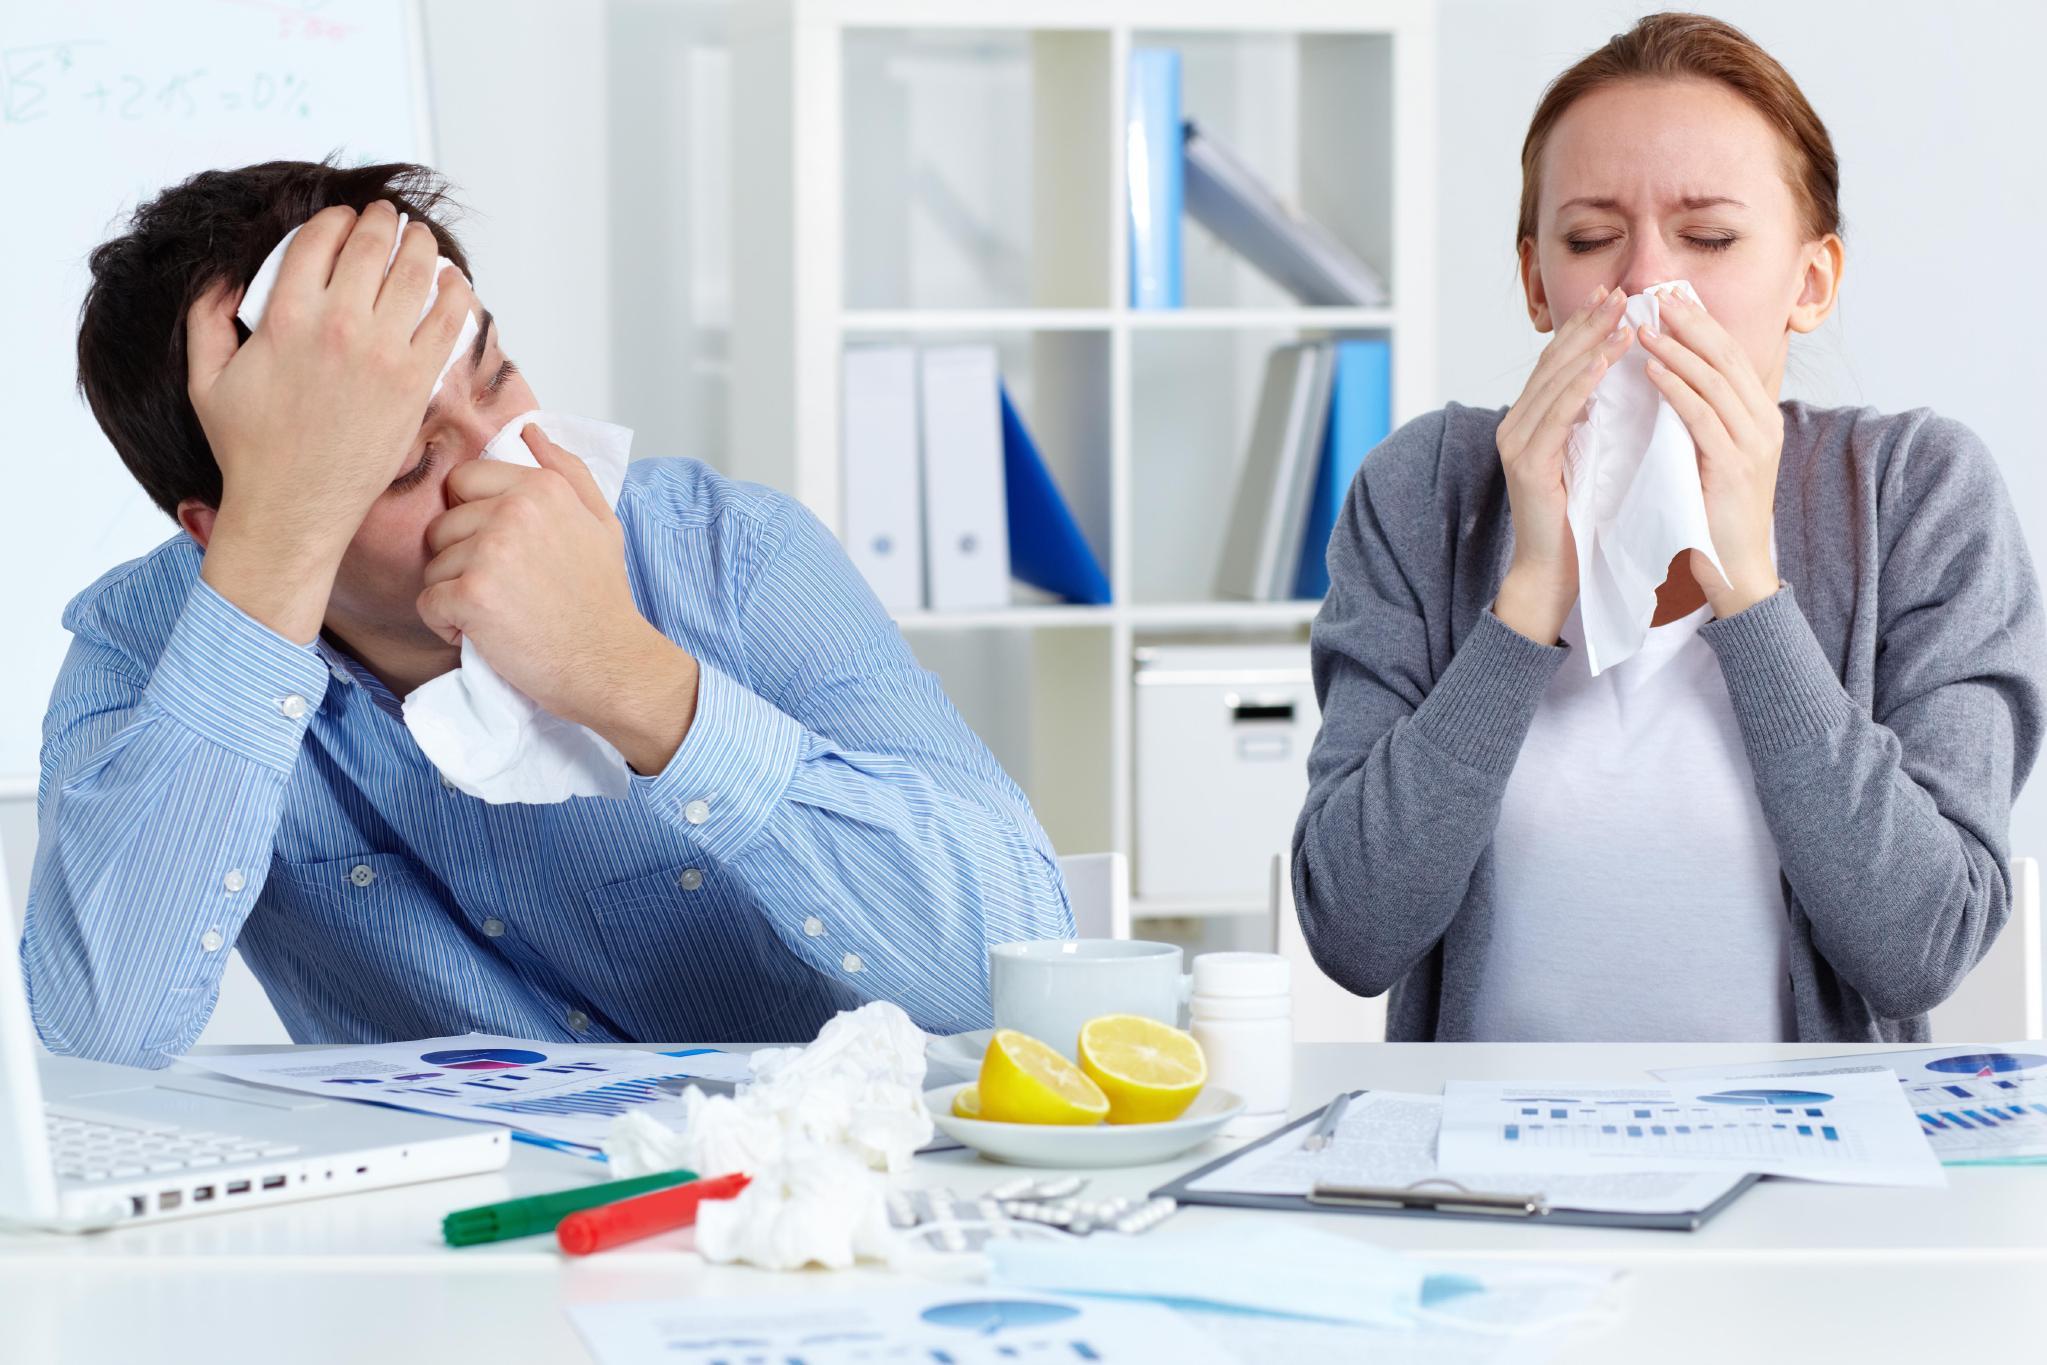 Seu escritório está cheio de germes. Saiba como se prevenir